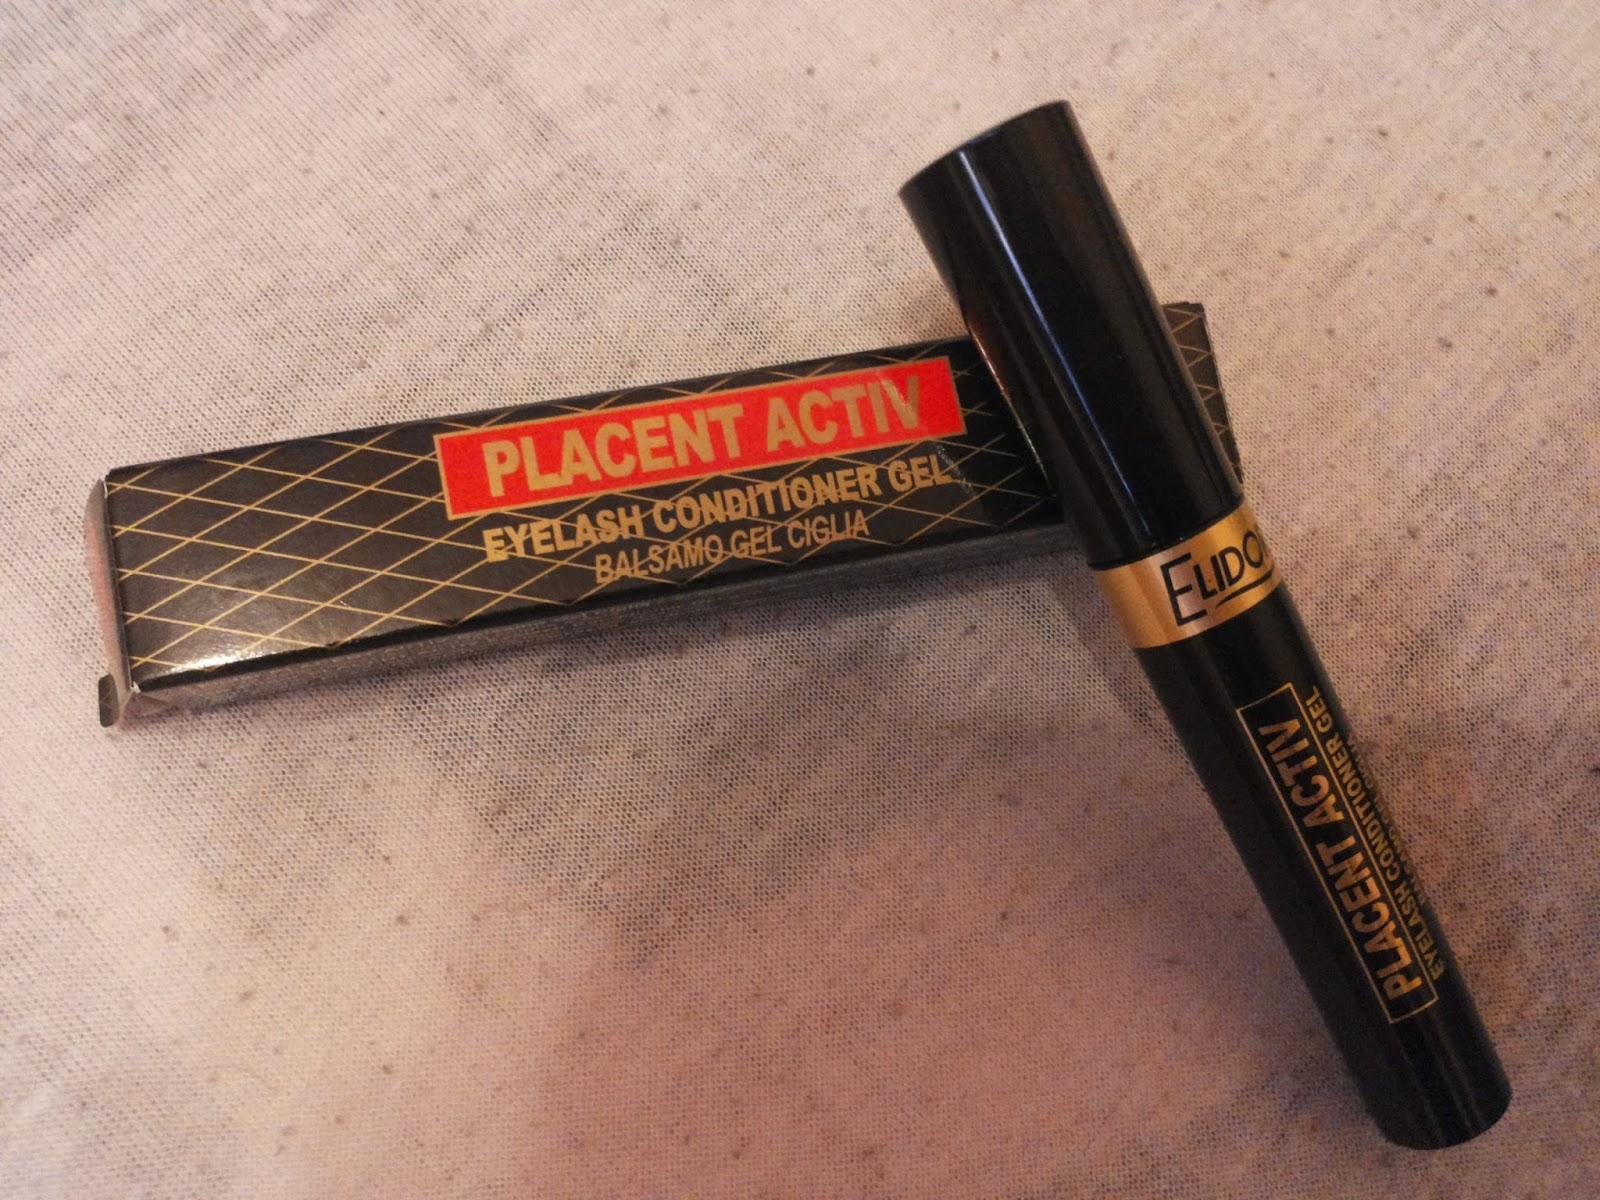 3d2f4527d68 ... mida ma ajast ja kohast olenemata panen - Elizabeth Ardeni 8 Hour Cream  huulepalsam. Mu huuled ja millegipärast ka ninaalune on koguaeg kuivad.